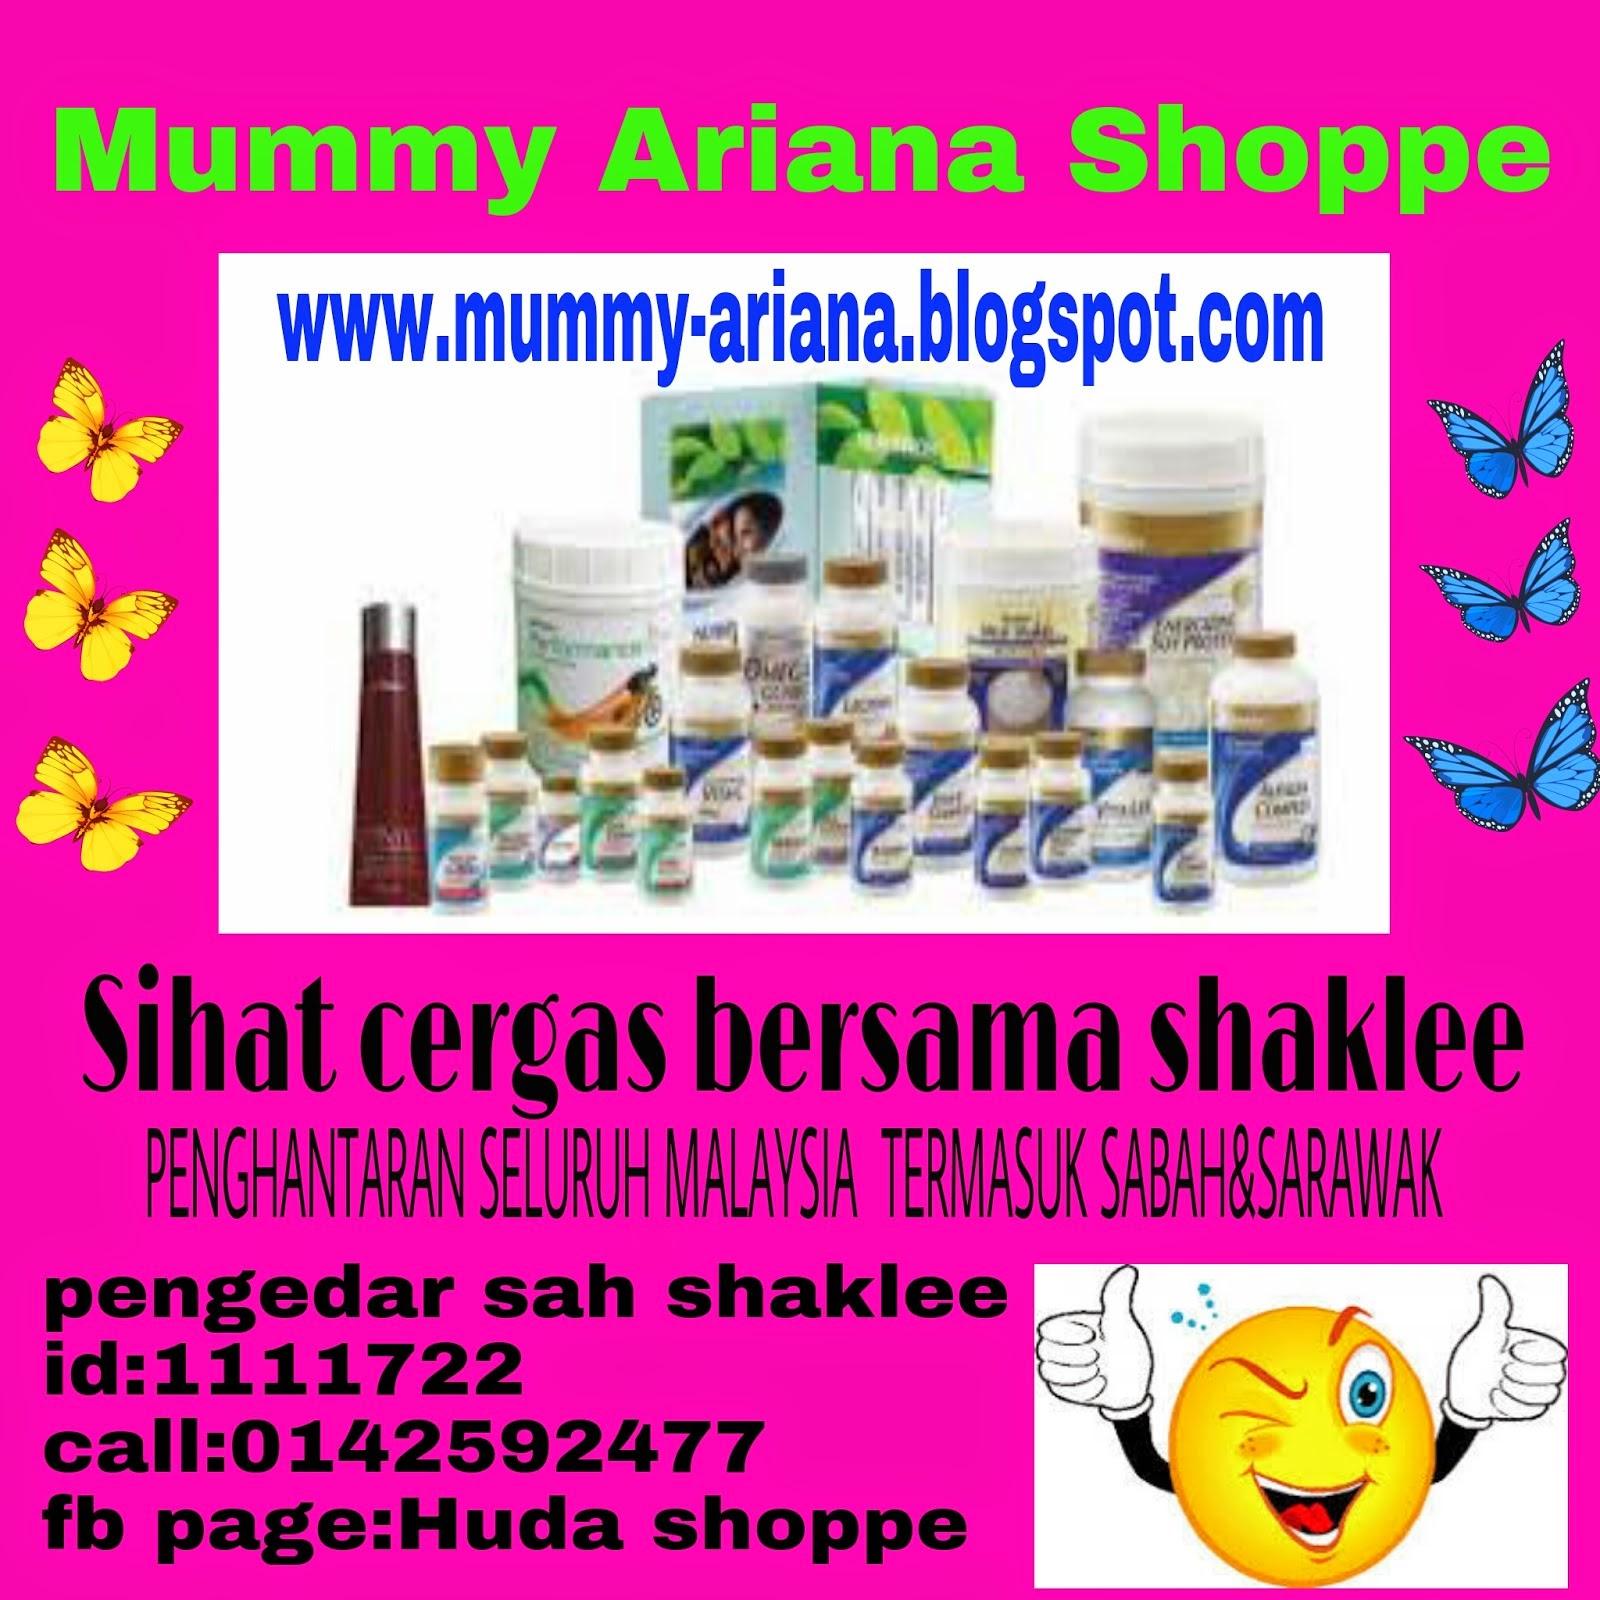 pengedar sah shaklee penghantaran seluruh malaysia dan sabah sarawak hubungi saya di no 0142592477